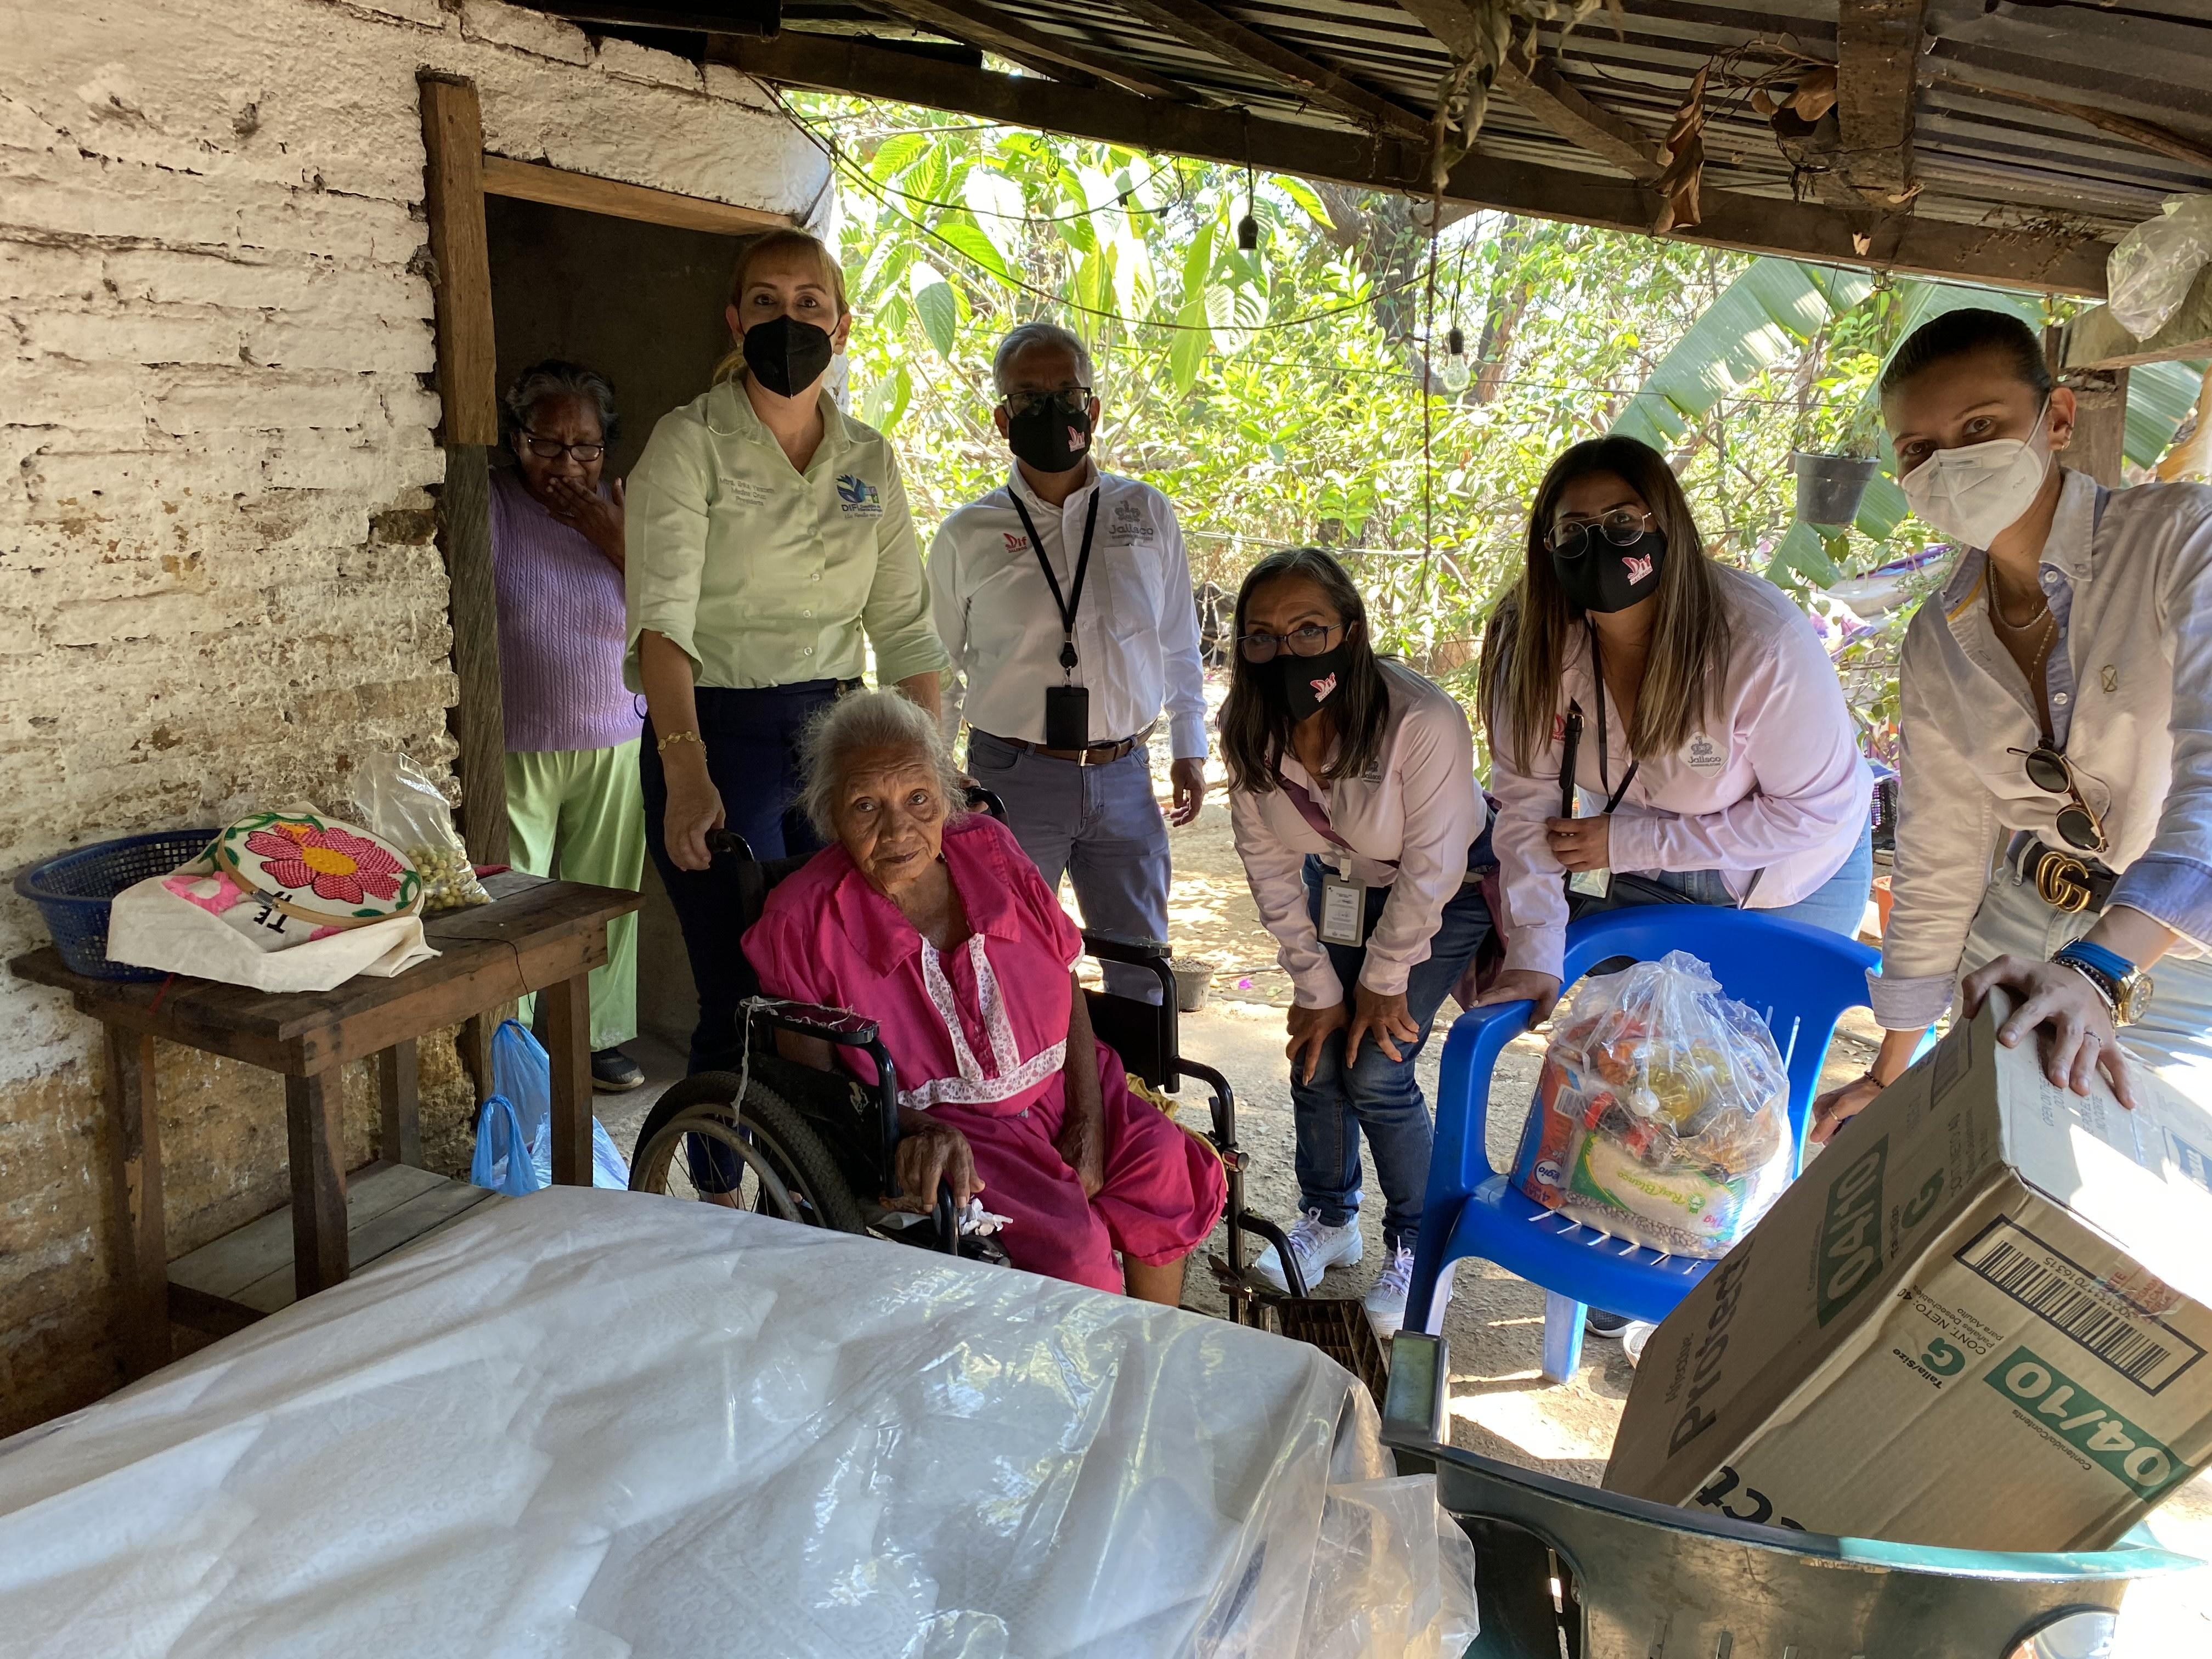 Personas de comunidad de Cuautitlán de García Barragánrecibiendo apoyos alimentarios en su domicilio